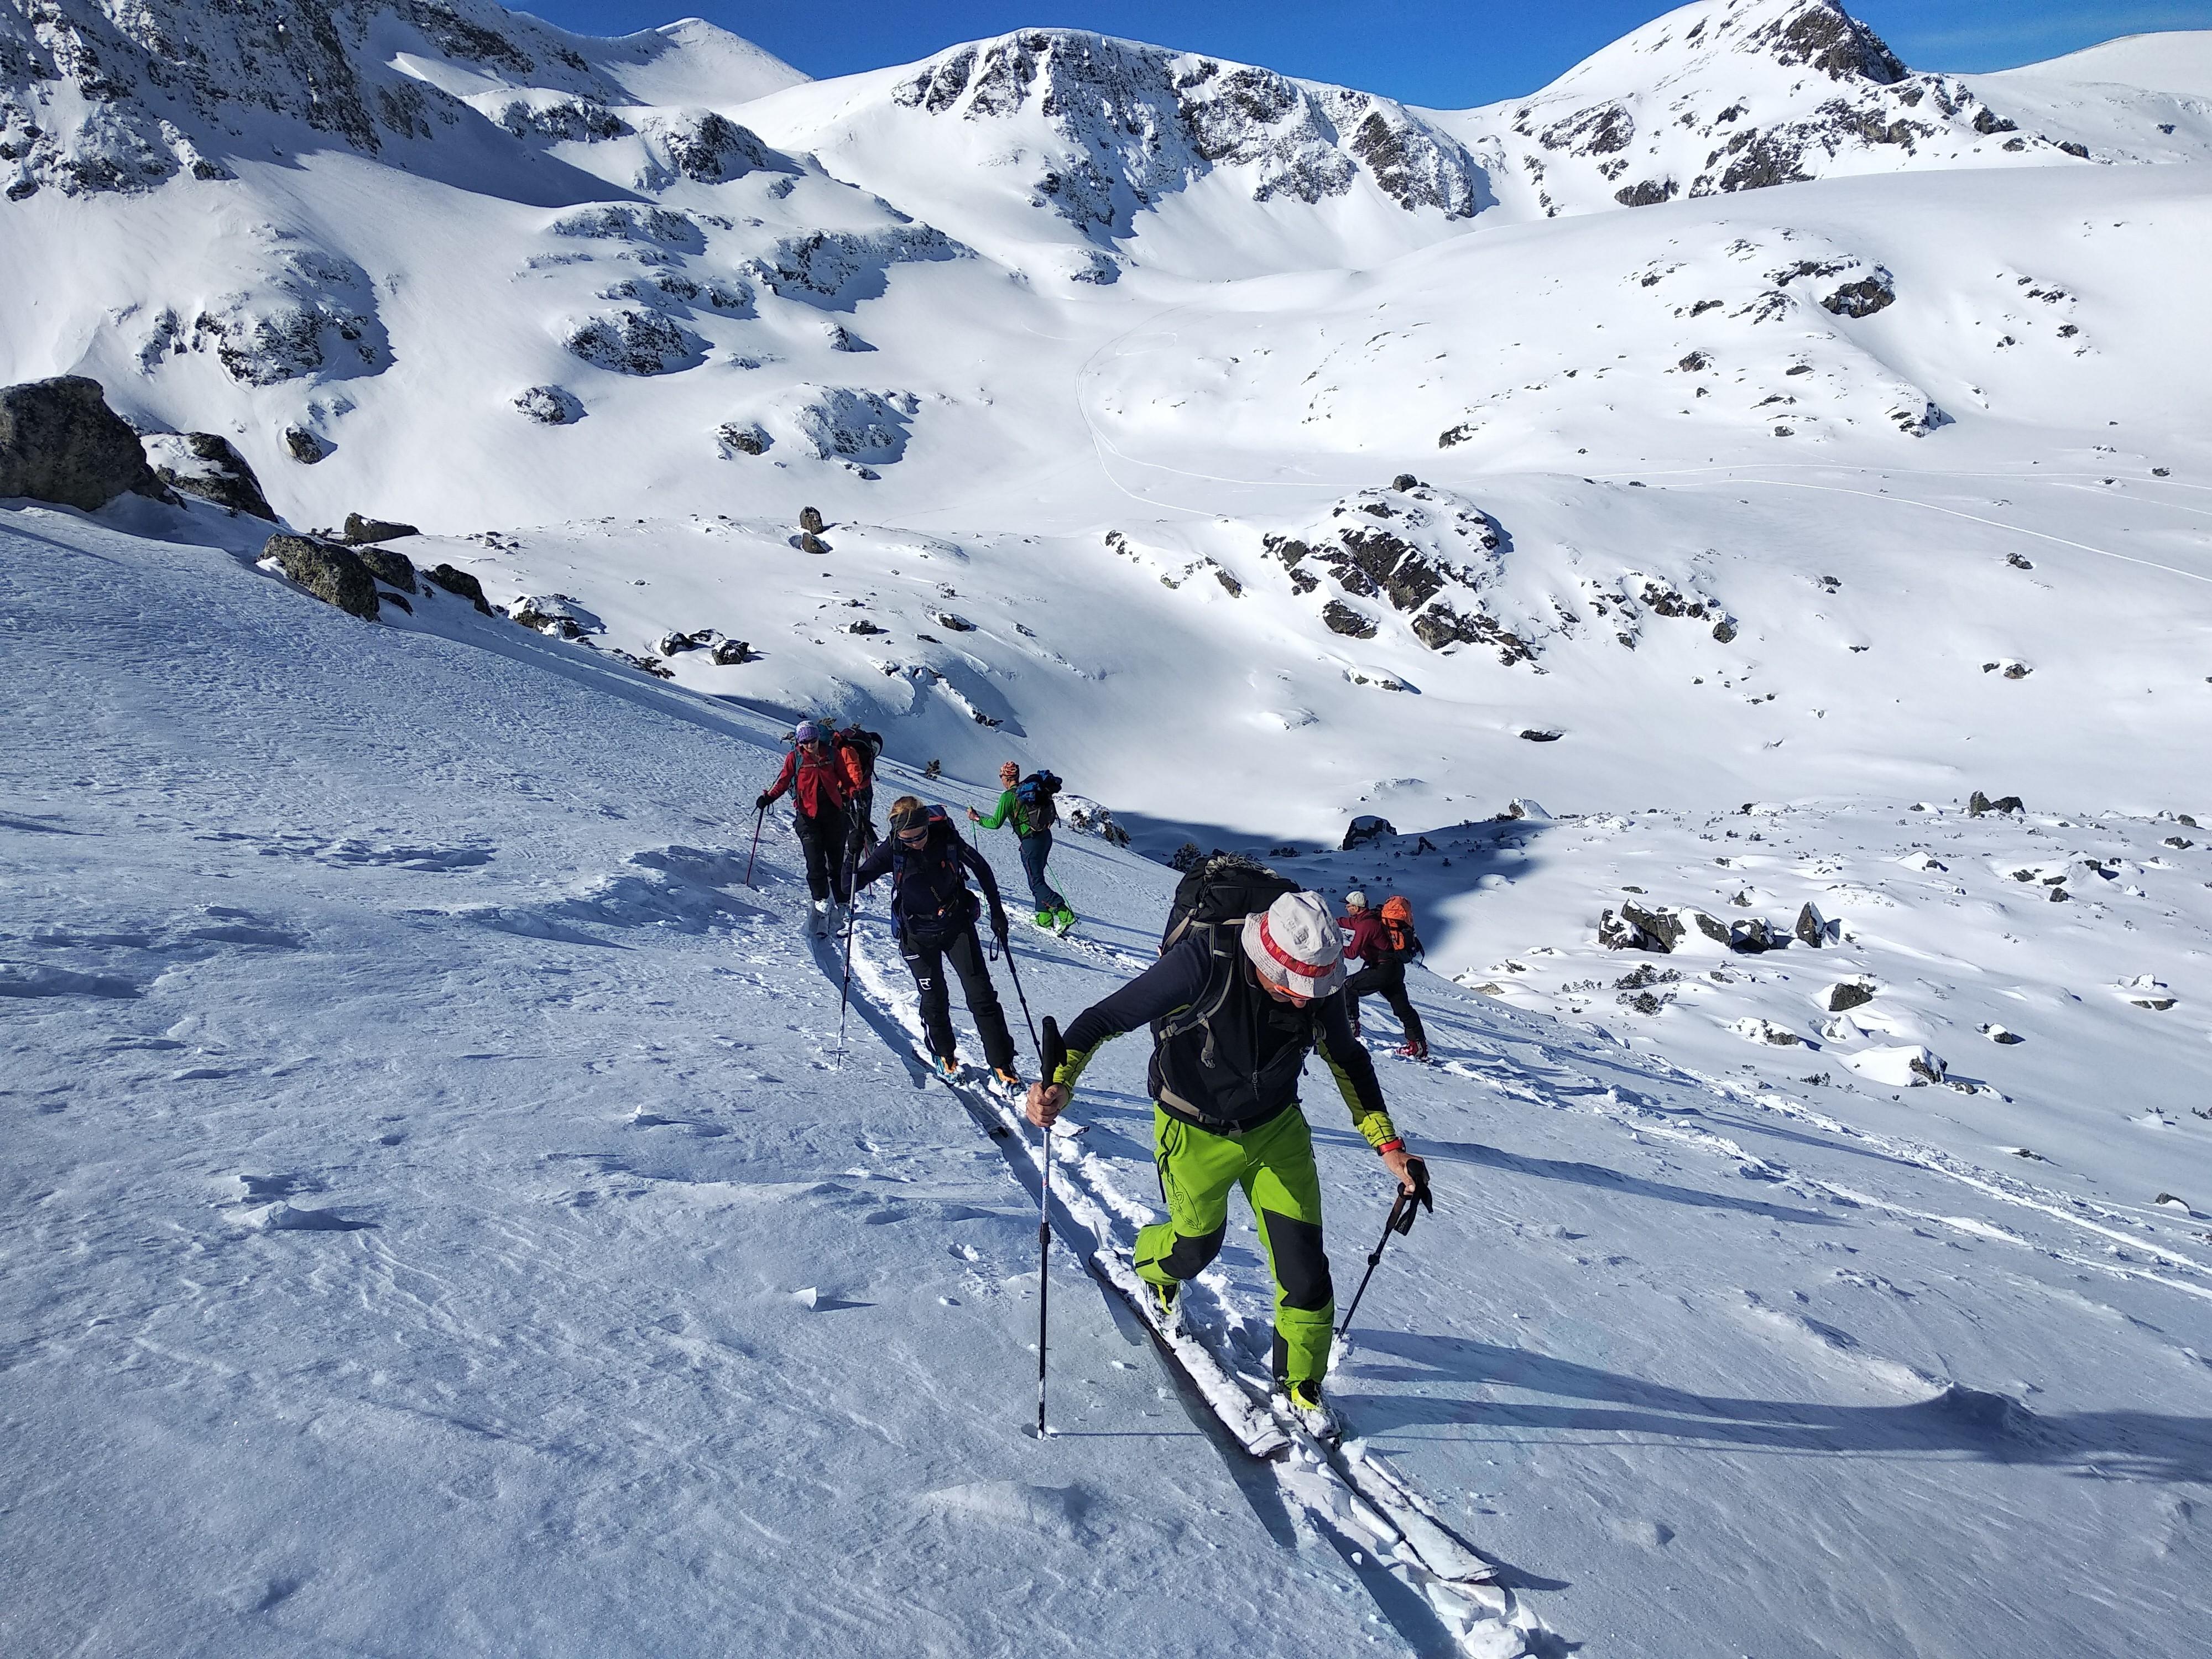 Backcountry skiing at Seven Rila Lakes, Bulgaria